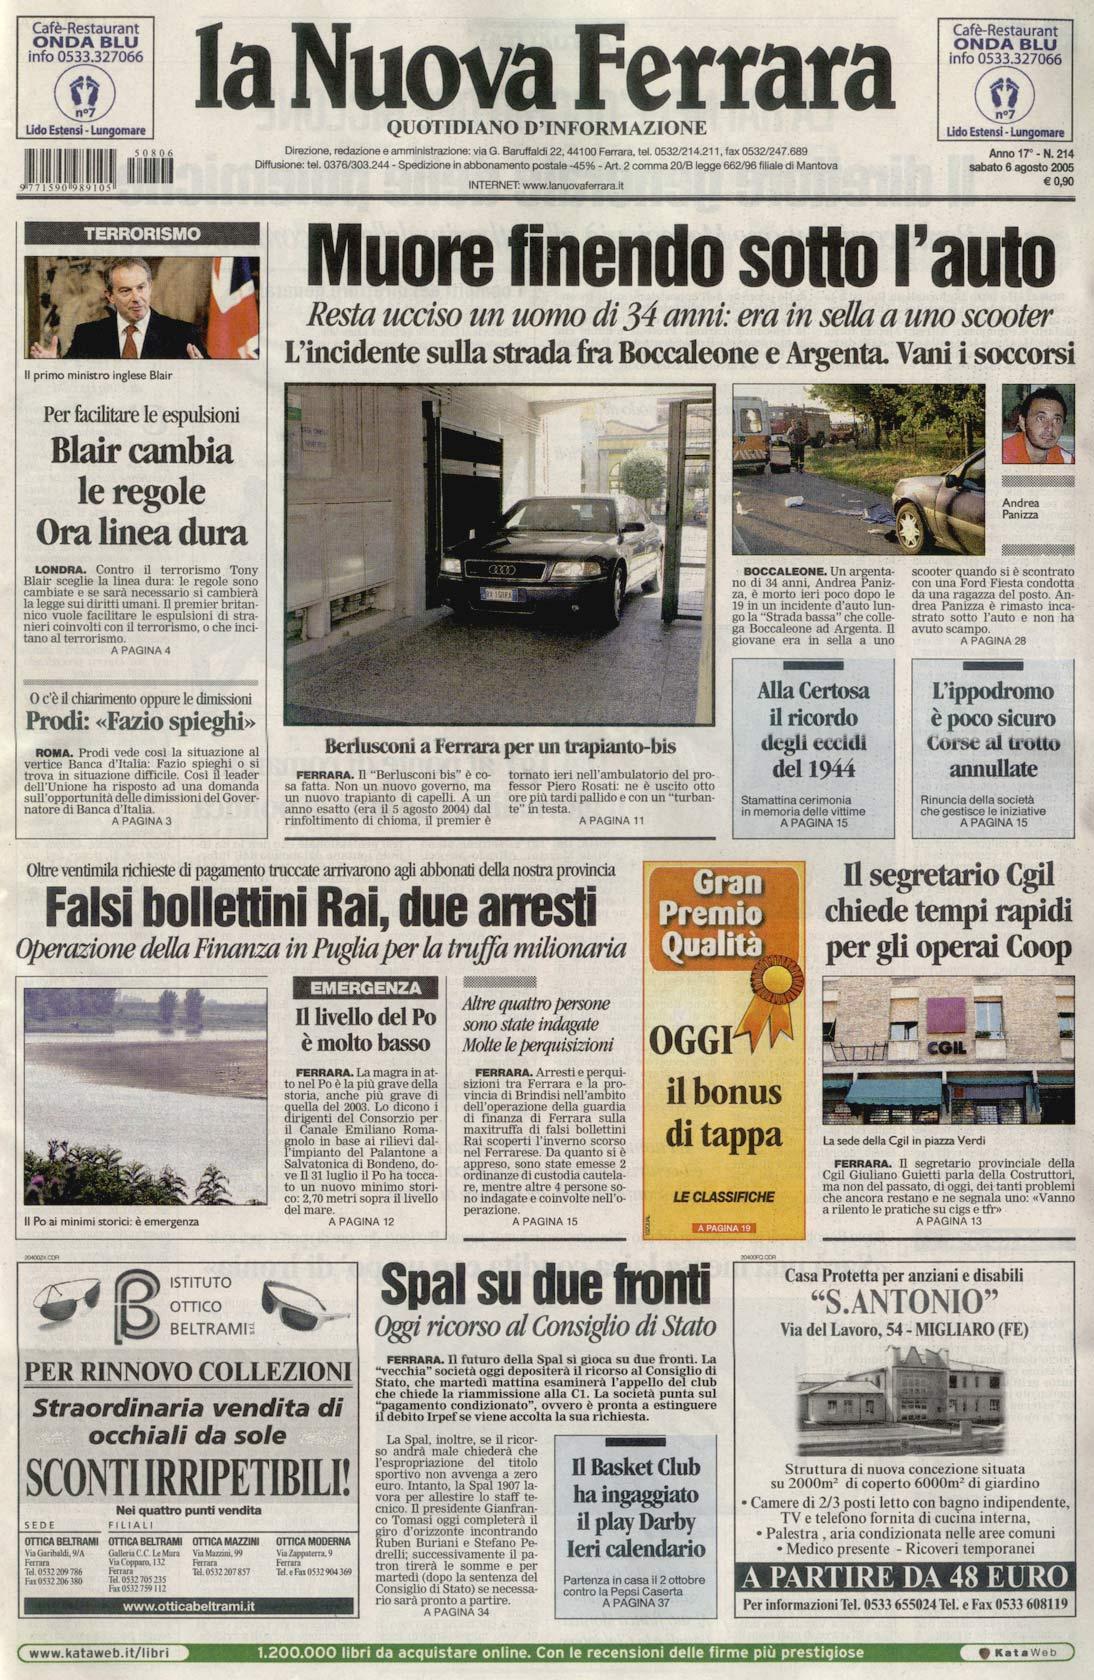 Berlusconi a Ferrara per un trapianto bis - La Nuova Ferrara - Prima Pagina